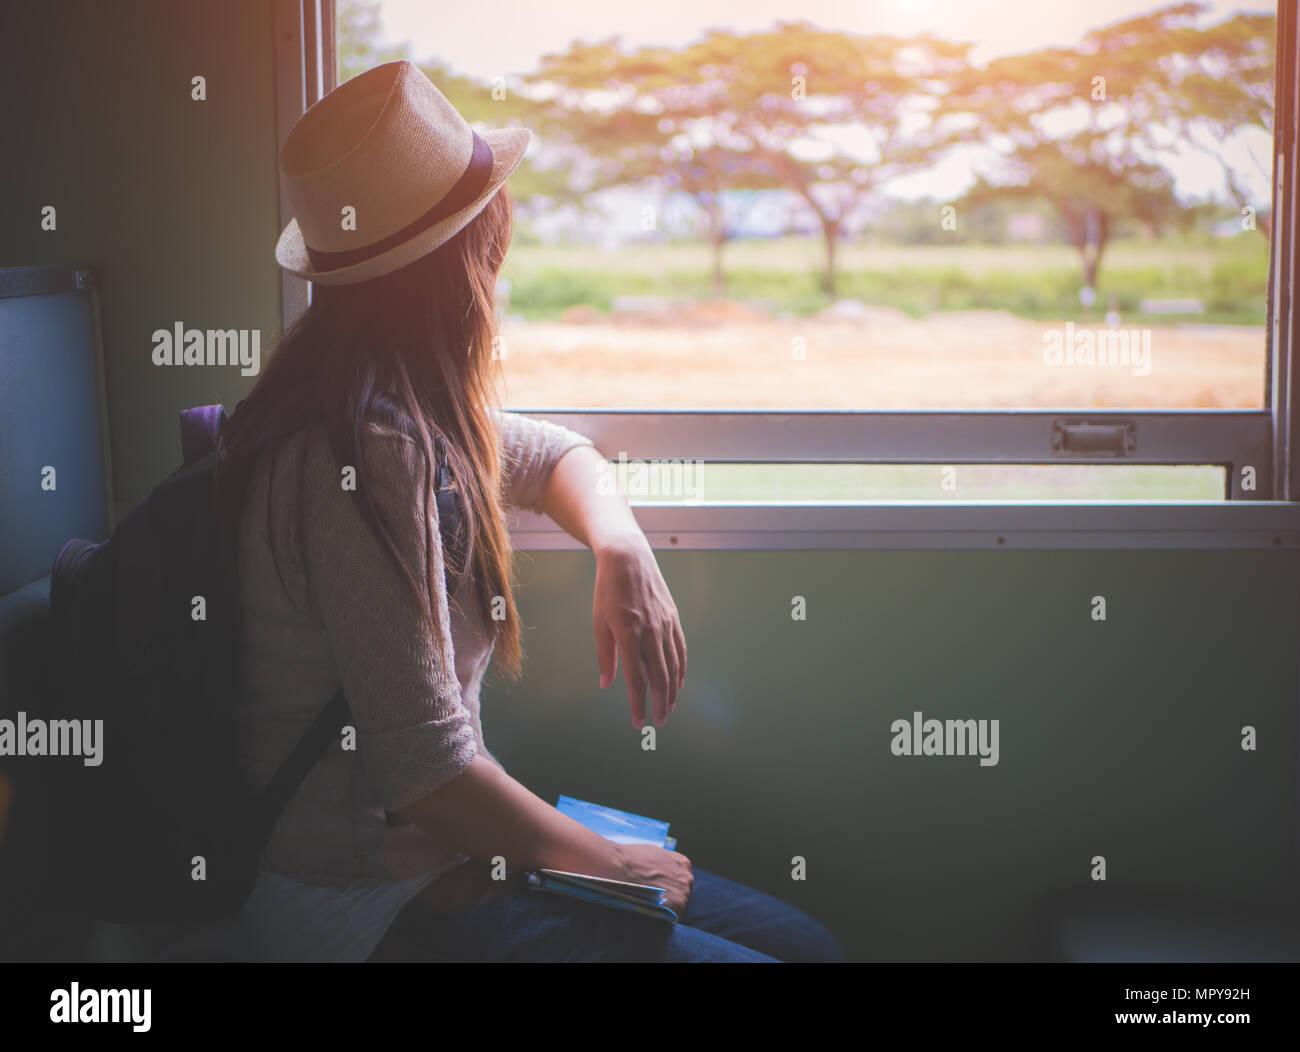 Giovane donna graziosa viaggiando con il treno classico seduto vicino alla finestra a guardare all'esterno. Vacanza e tavel concetto. Immagini Stock